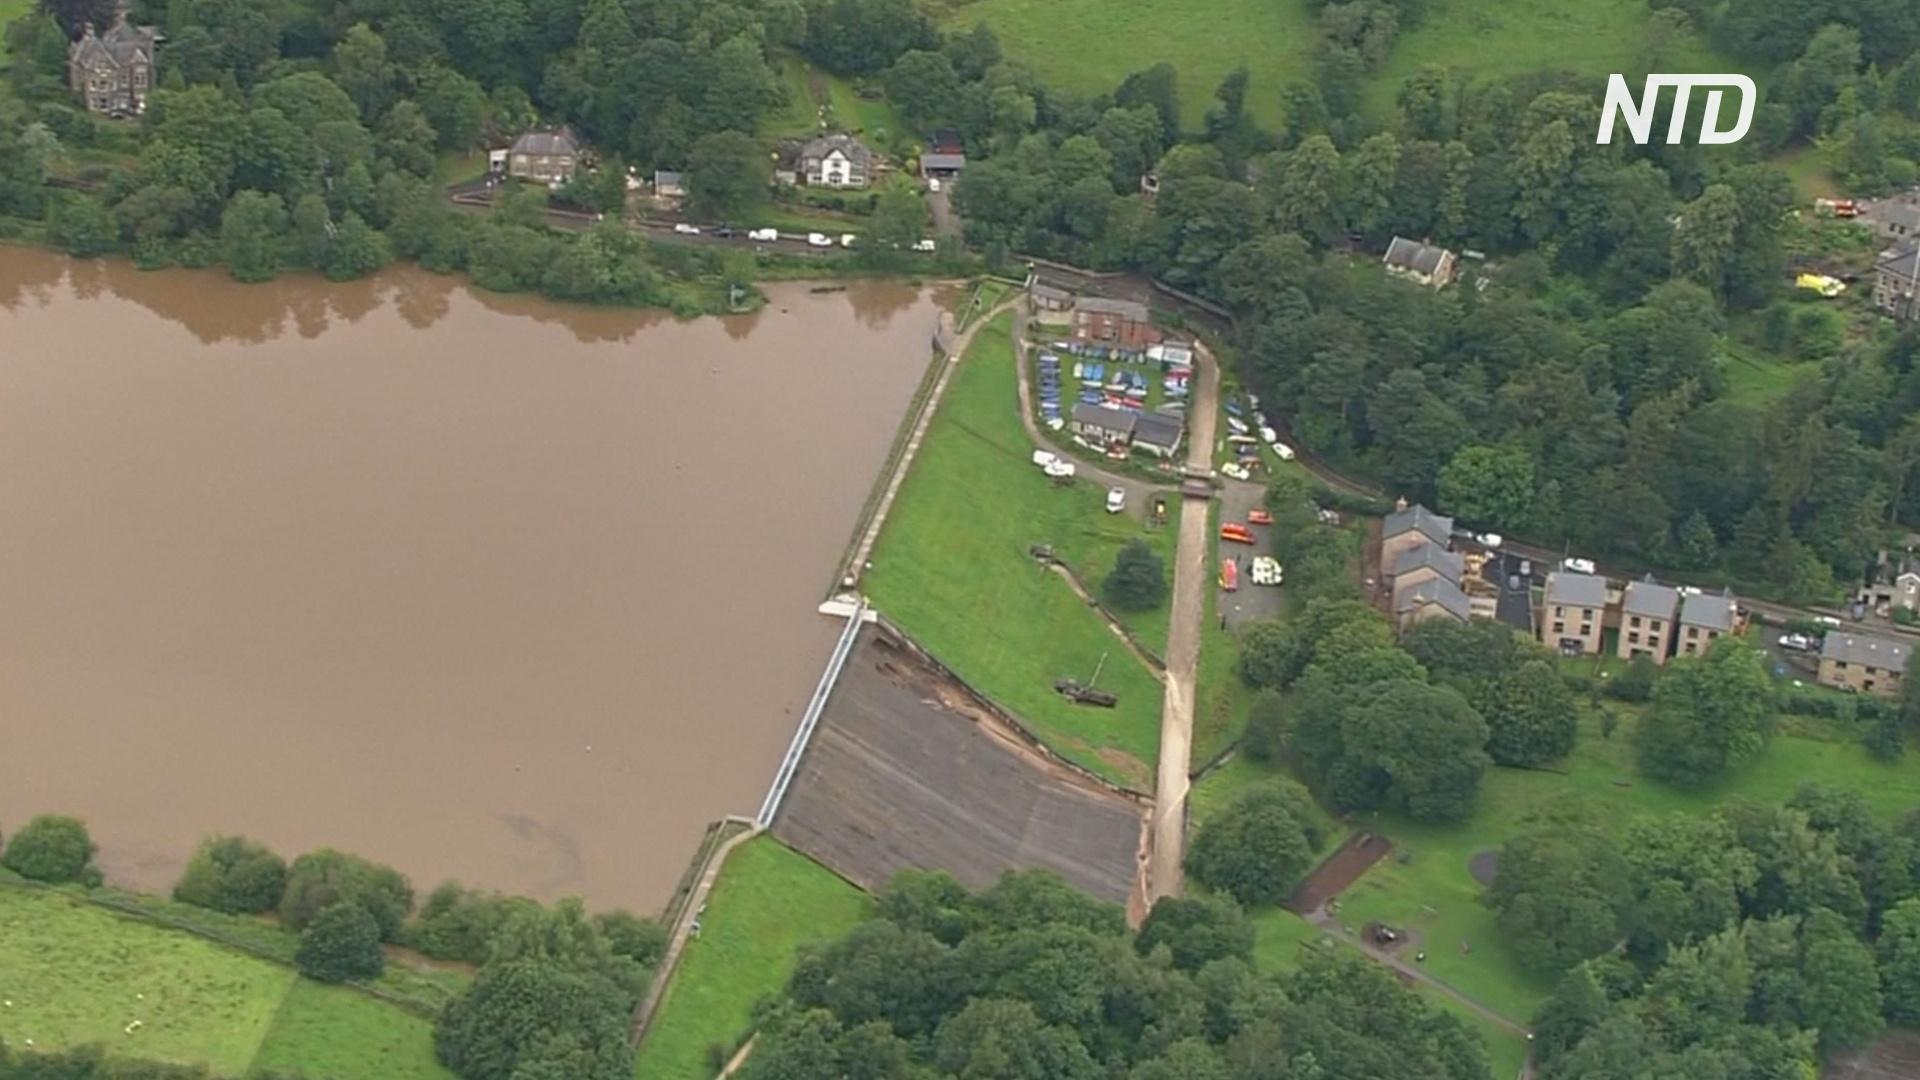 В Великобритании эвакуируют город из-за угрозы прорыва плотины